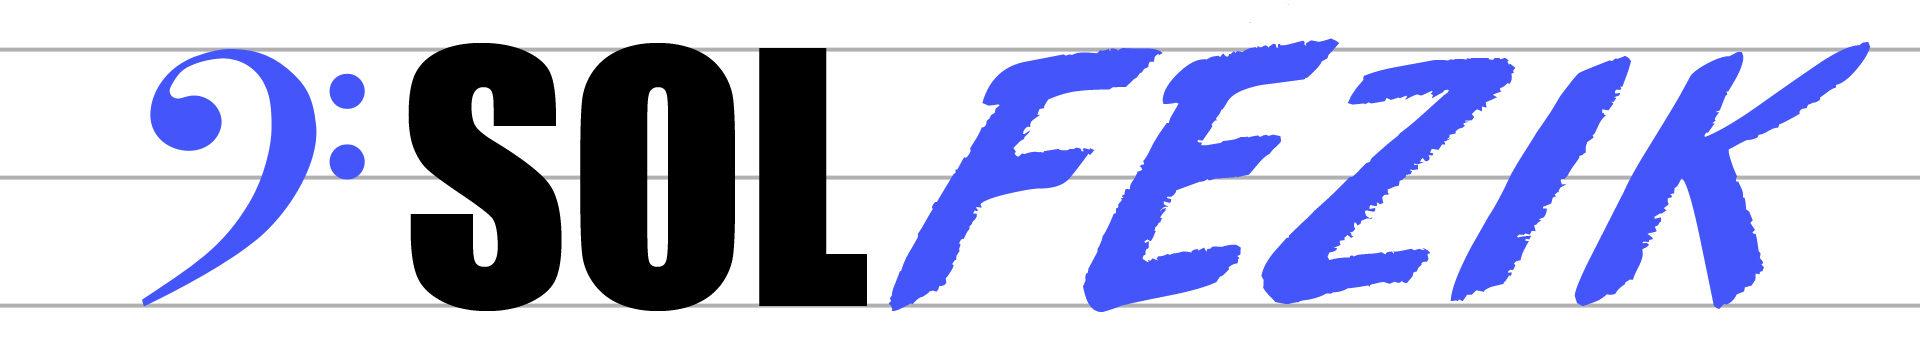 logo du site pour apprendre la musique et le solfège Solfezik.fr